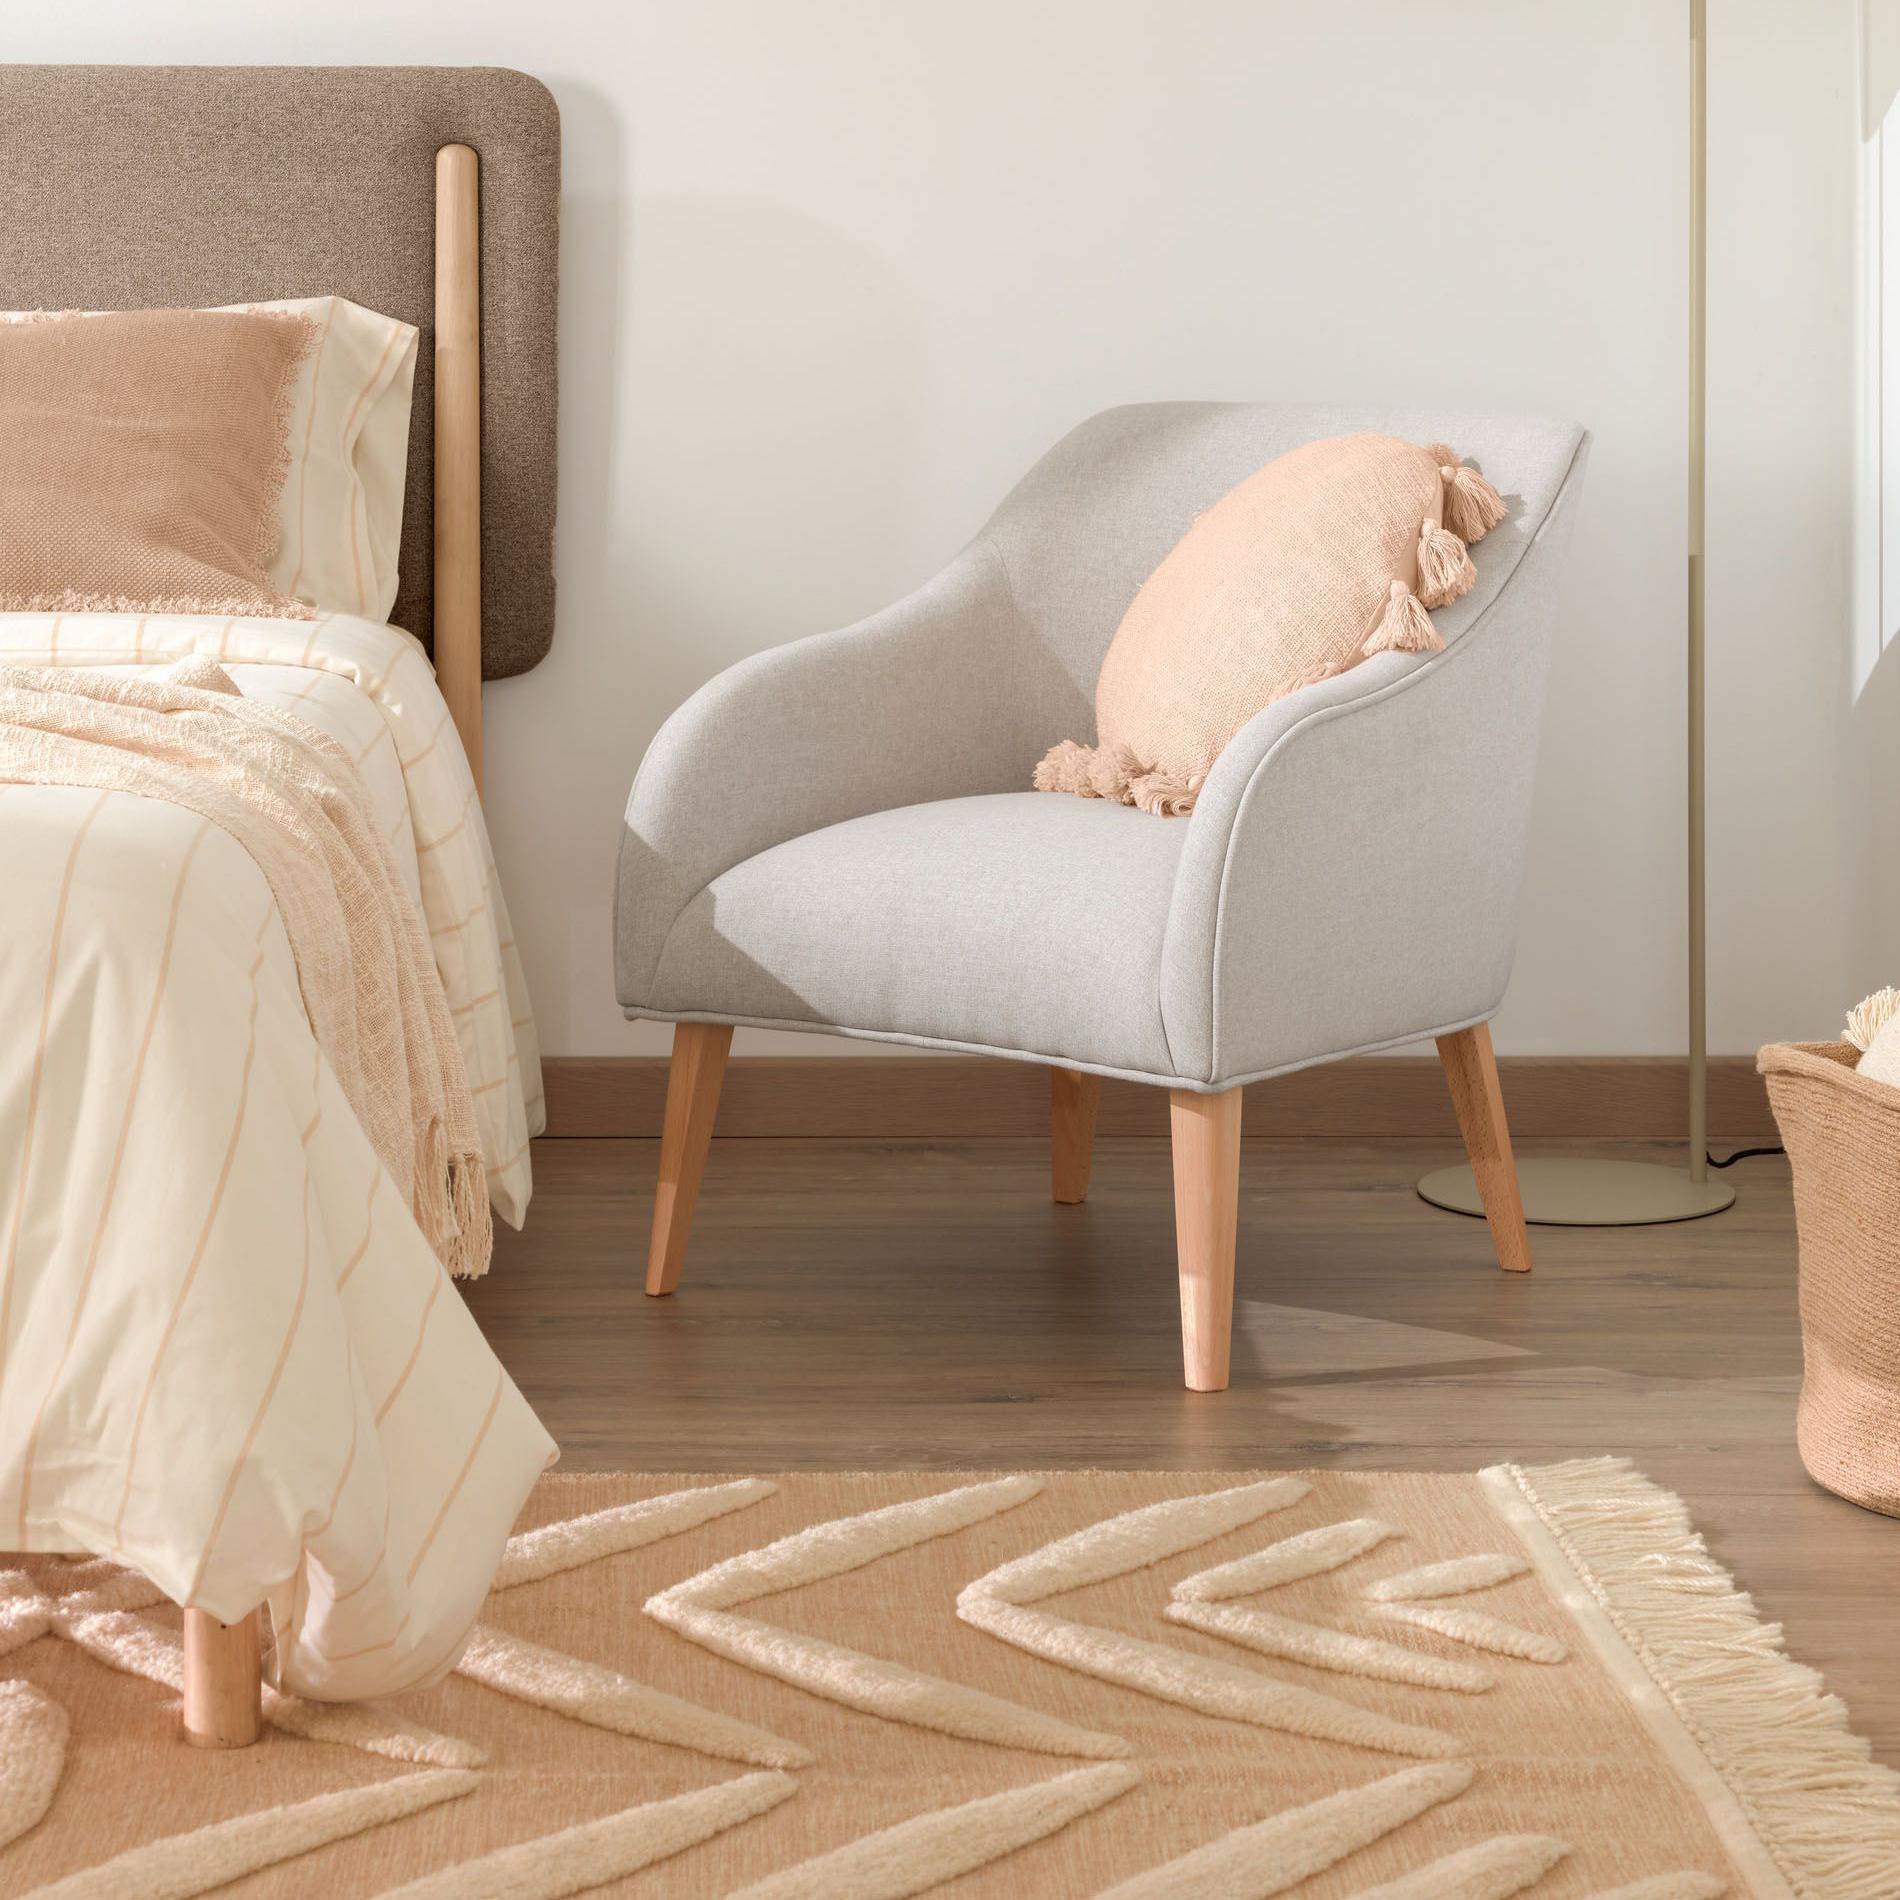 Tapete Delia, lã/algodão, bege, 200x140